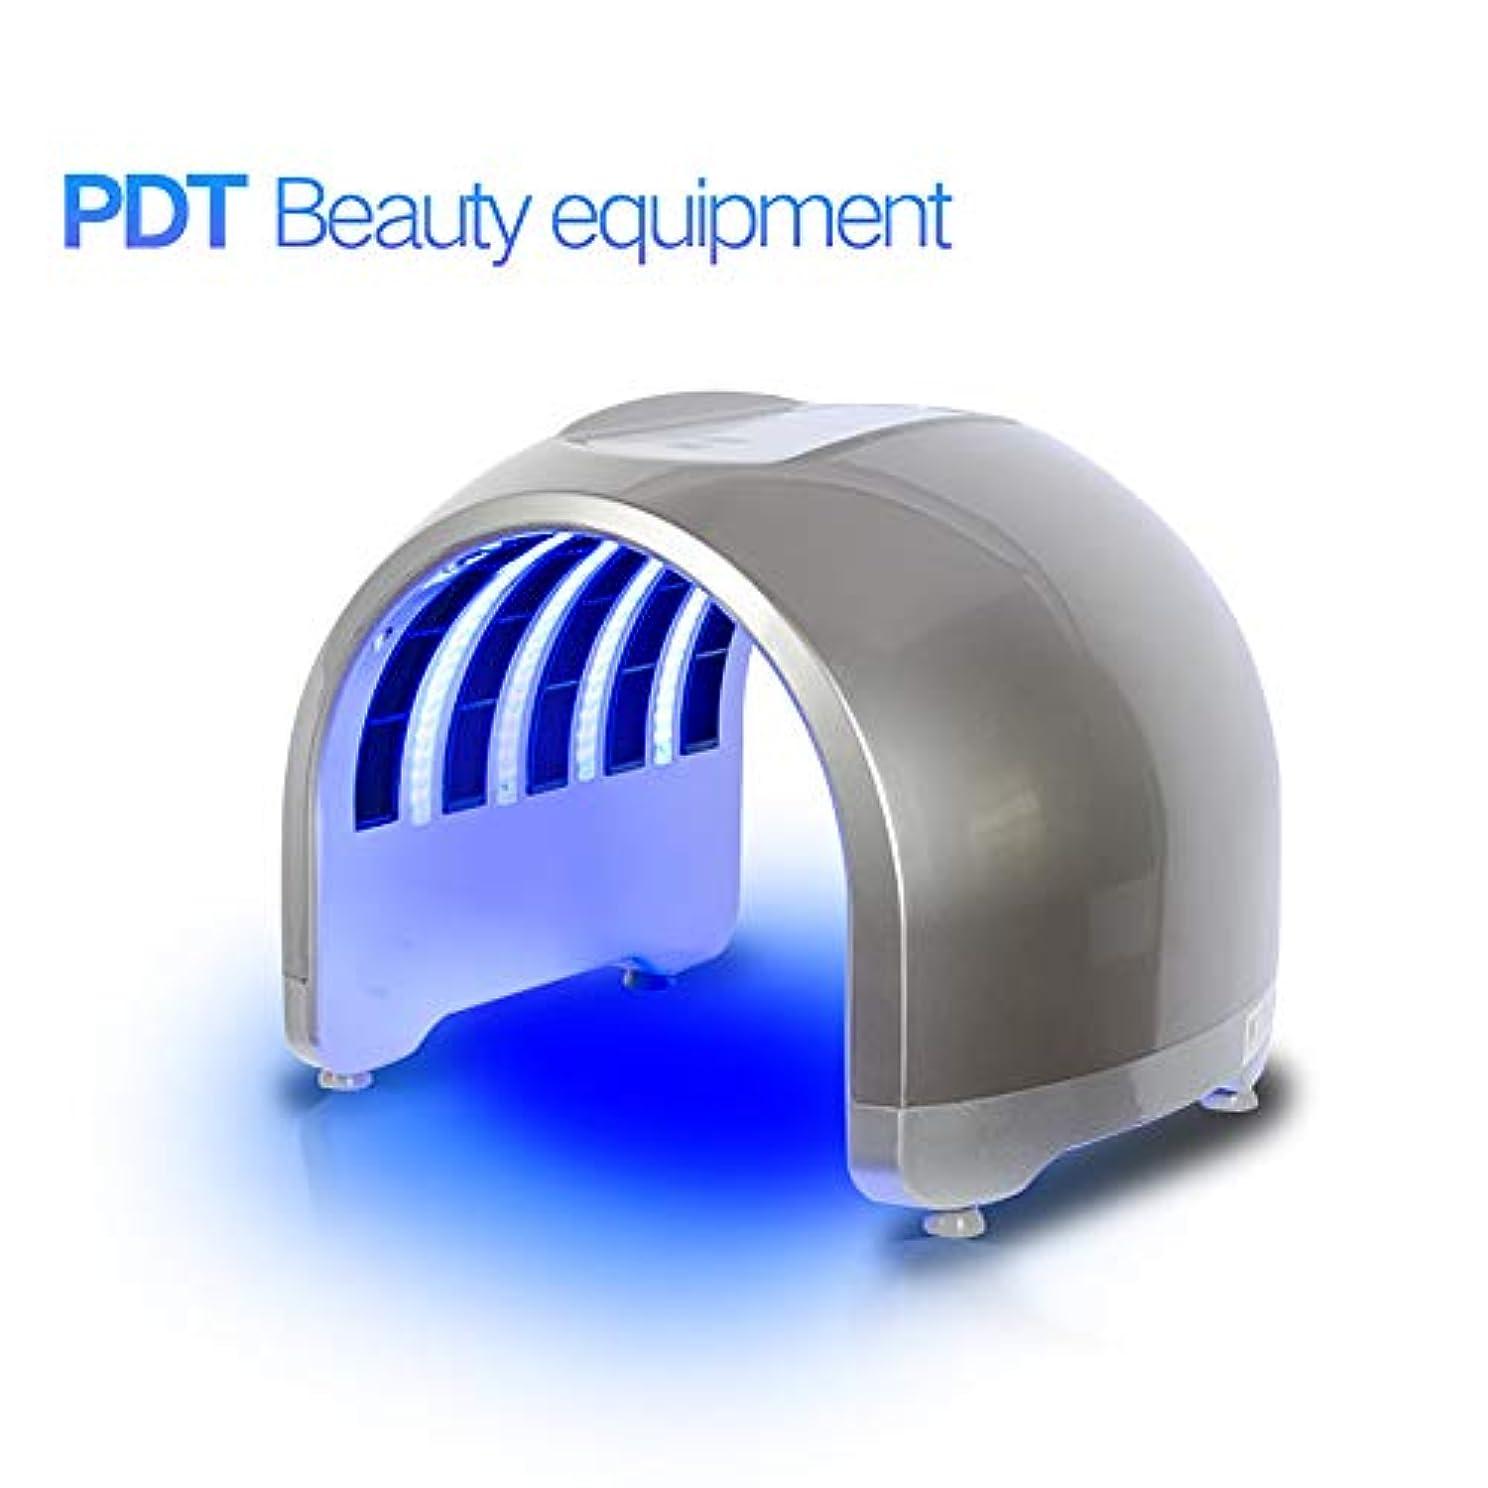 信者住所感謝する4色PDT LEDライト療法機械-顔首ボディのための反老化のスキンケア用具